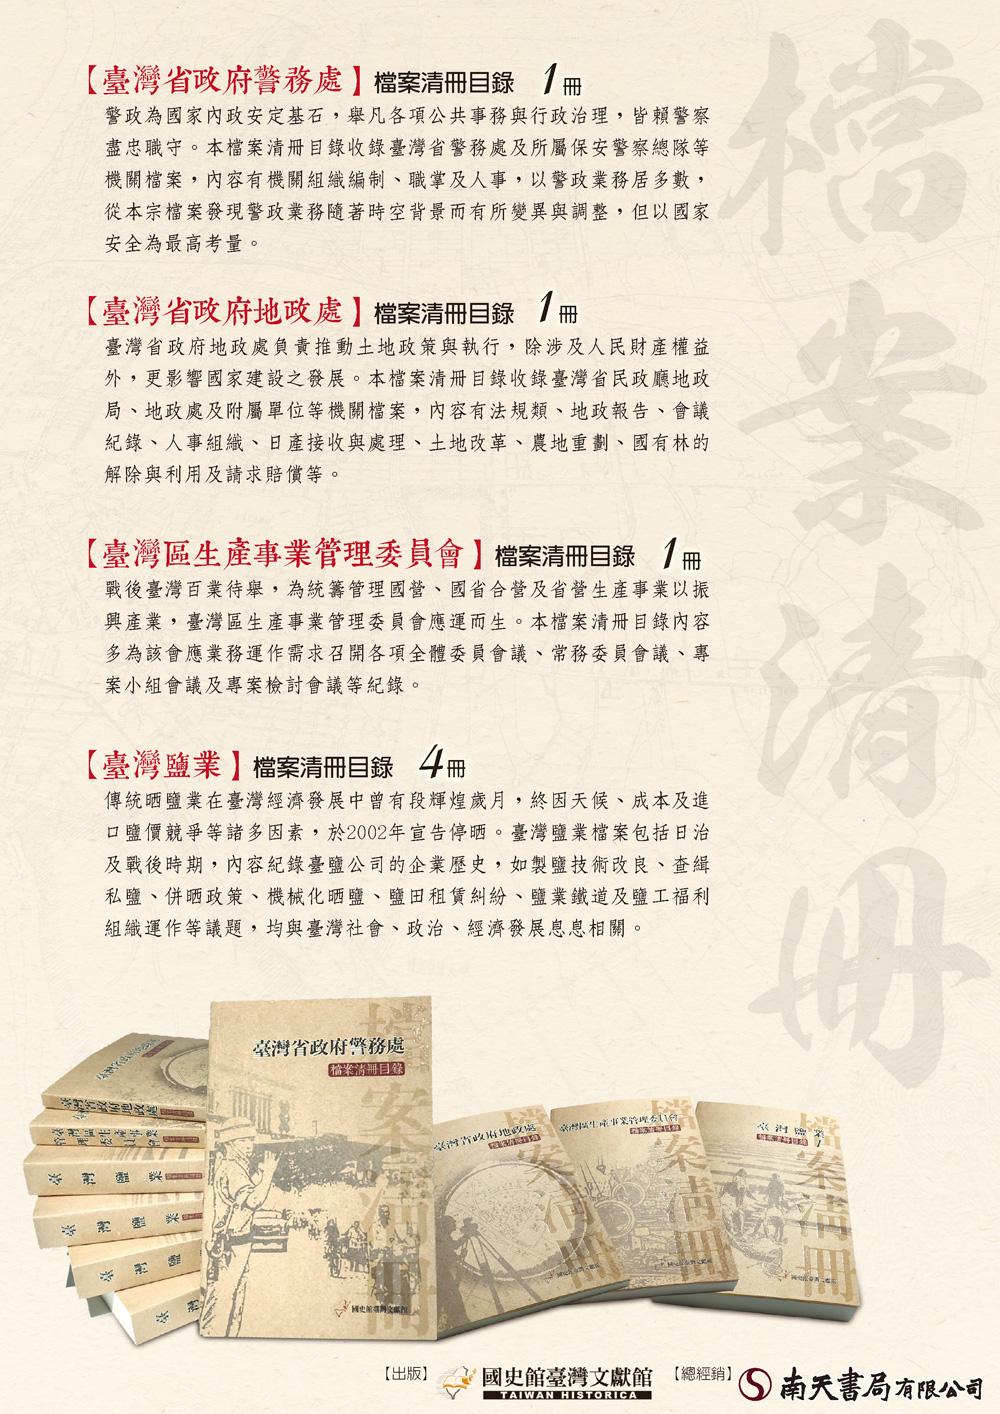 國史館臺灣文獻館再推出檔案清冊目錄